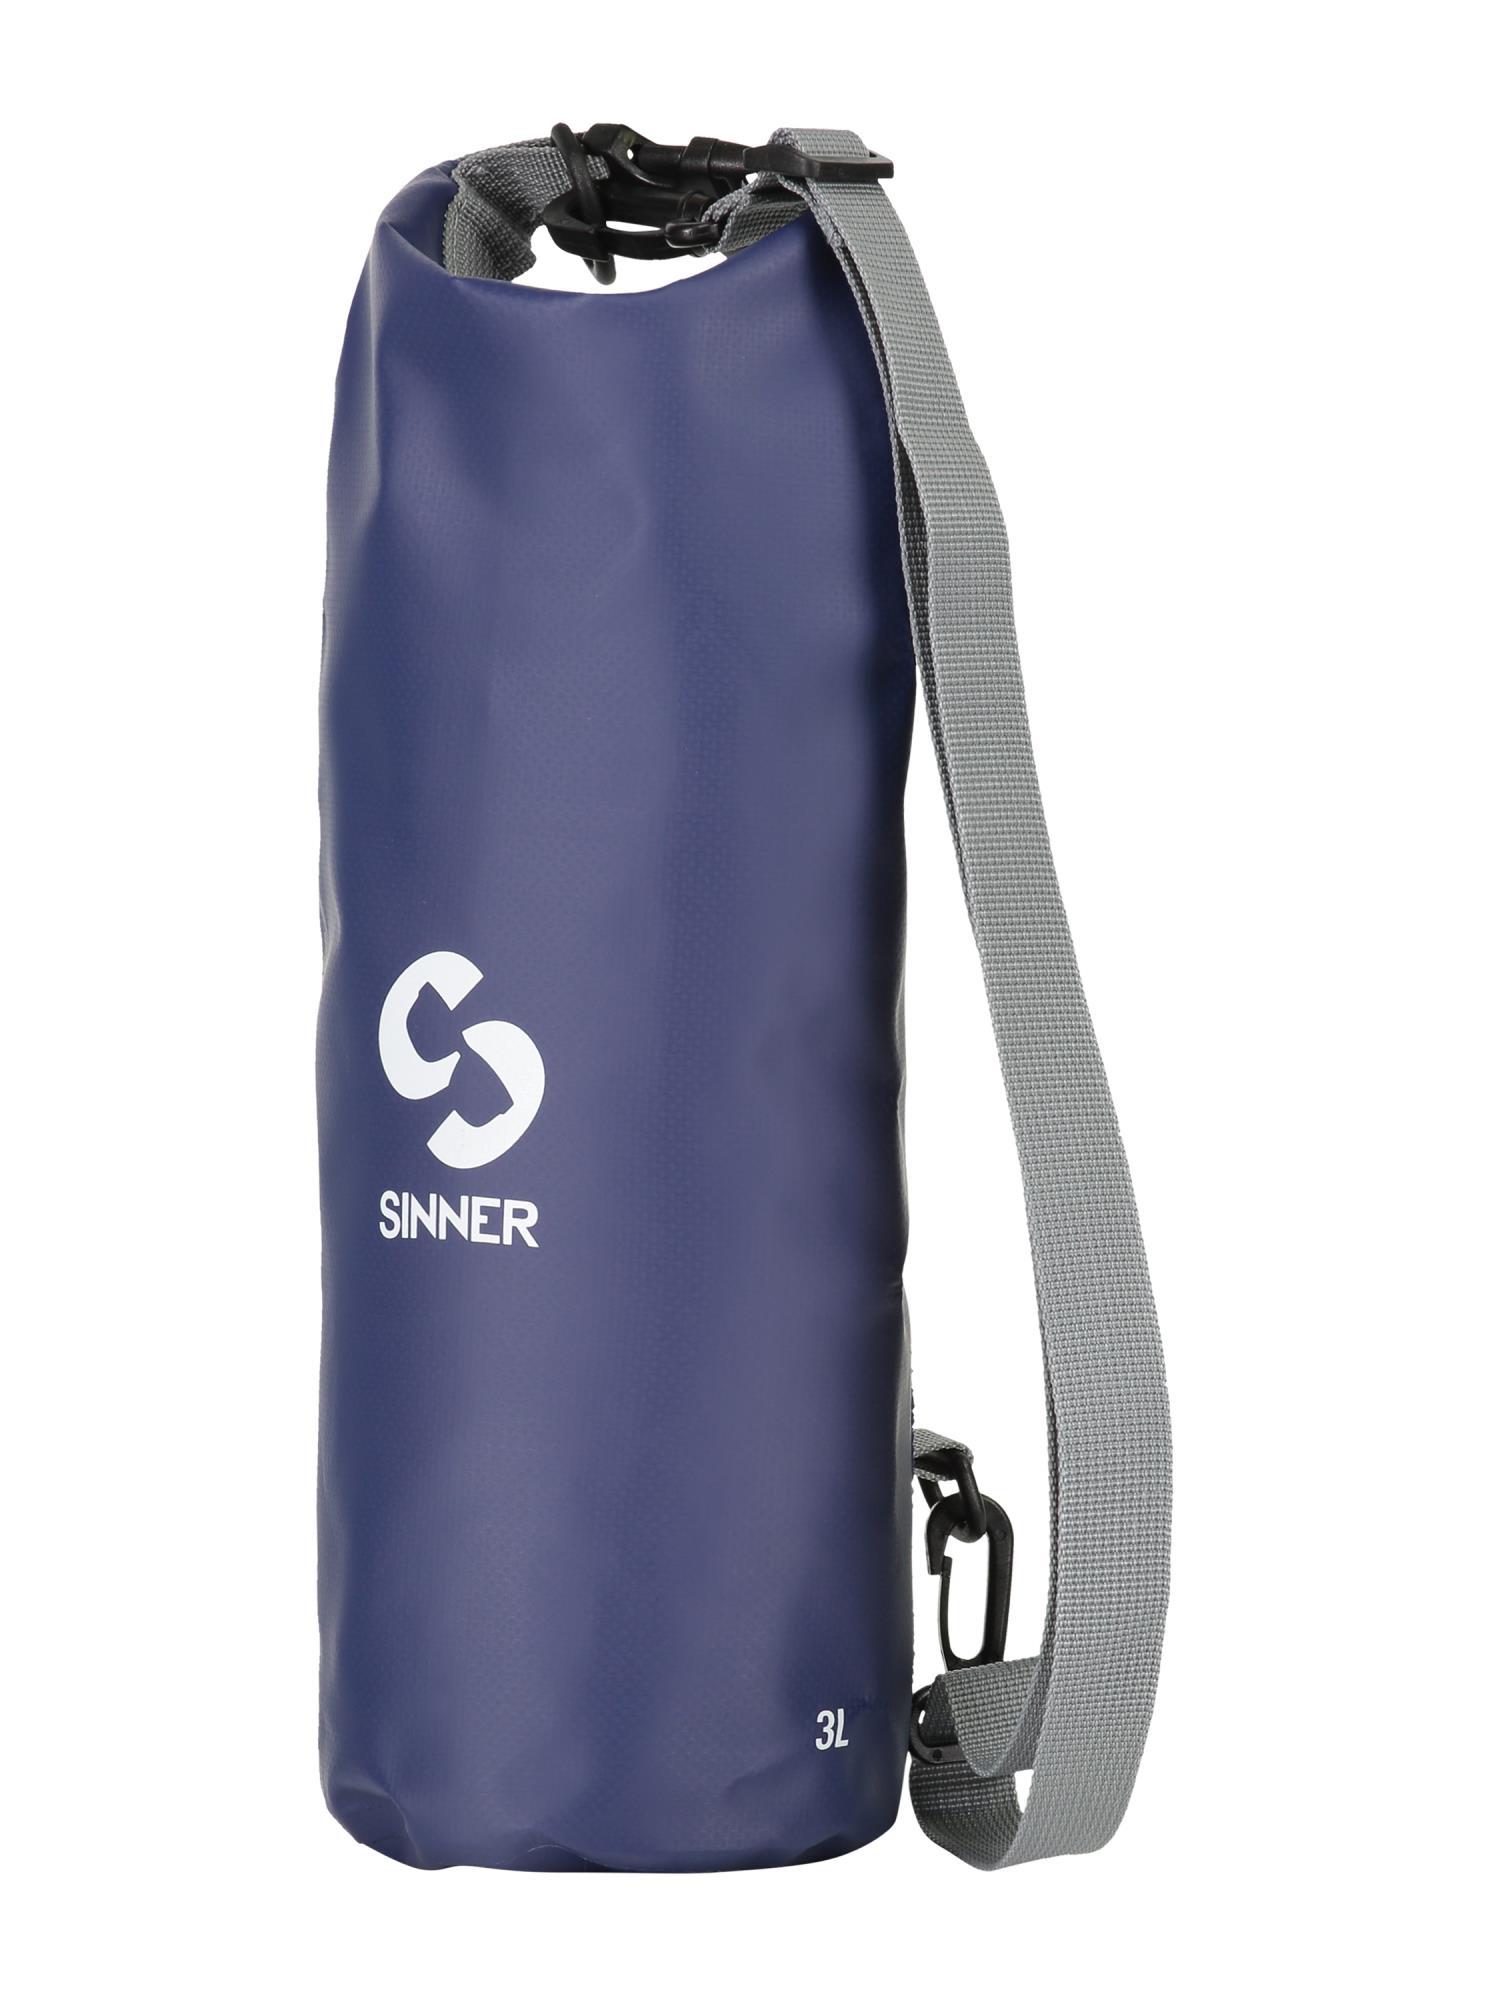 Sinner Tabor 3l Waterdichte Opbergzak - Blauw